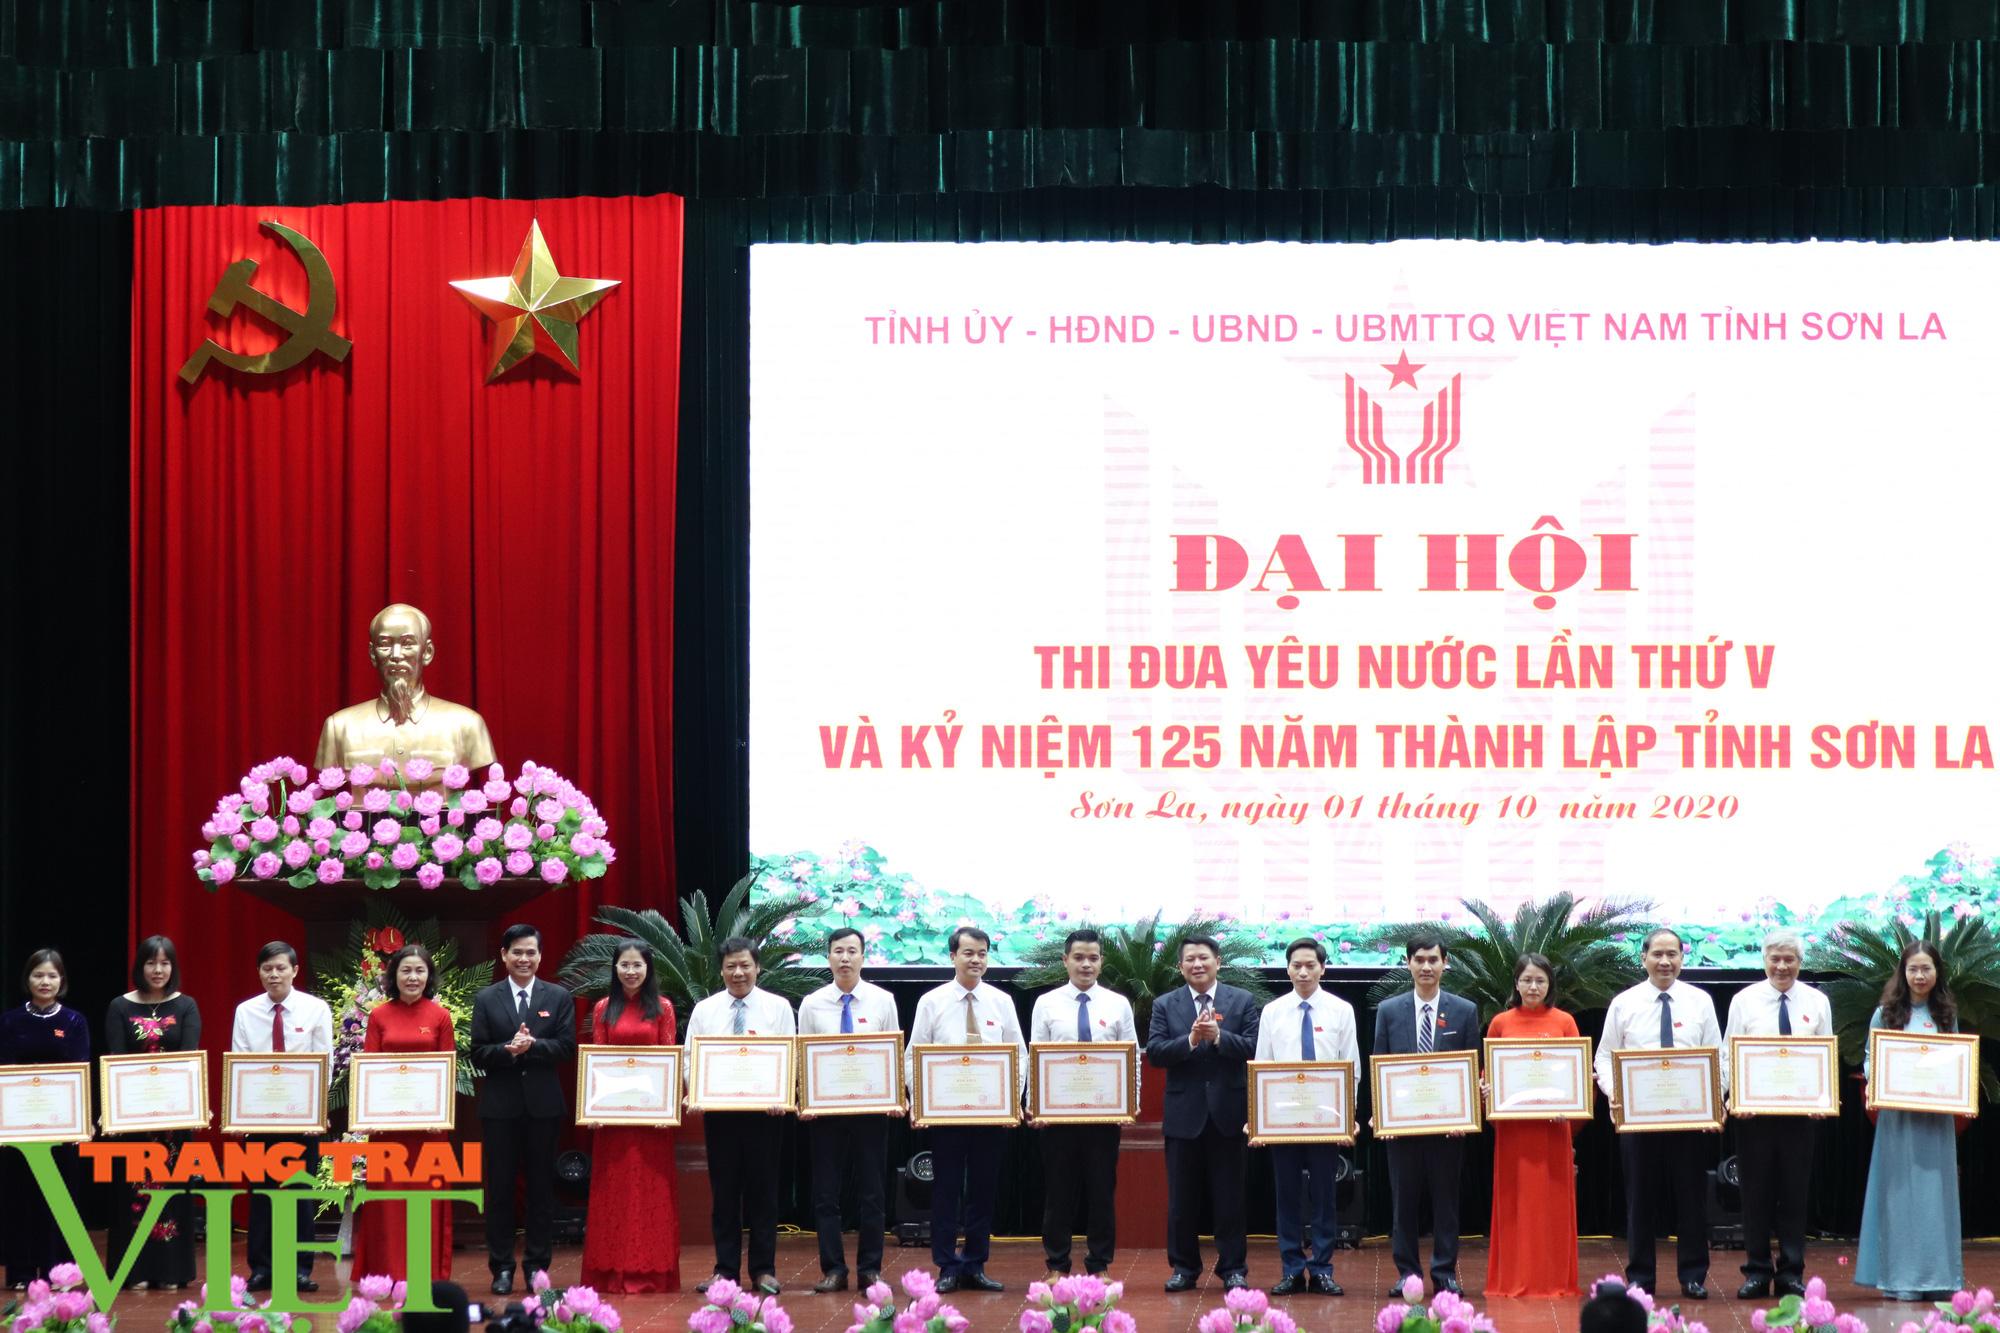 Sơn La tiếp tục triển khai sâu rộng, đồng bộ các phong trào thi đua yêu nước - Ảnh 7.